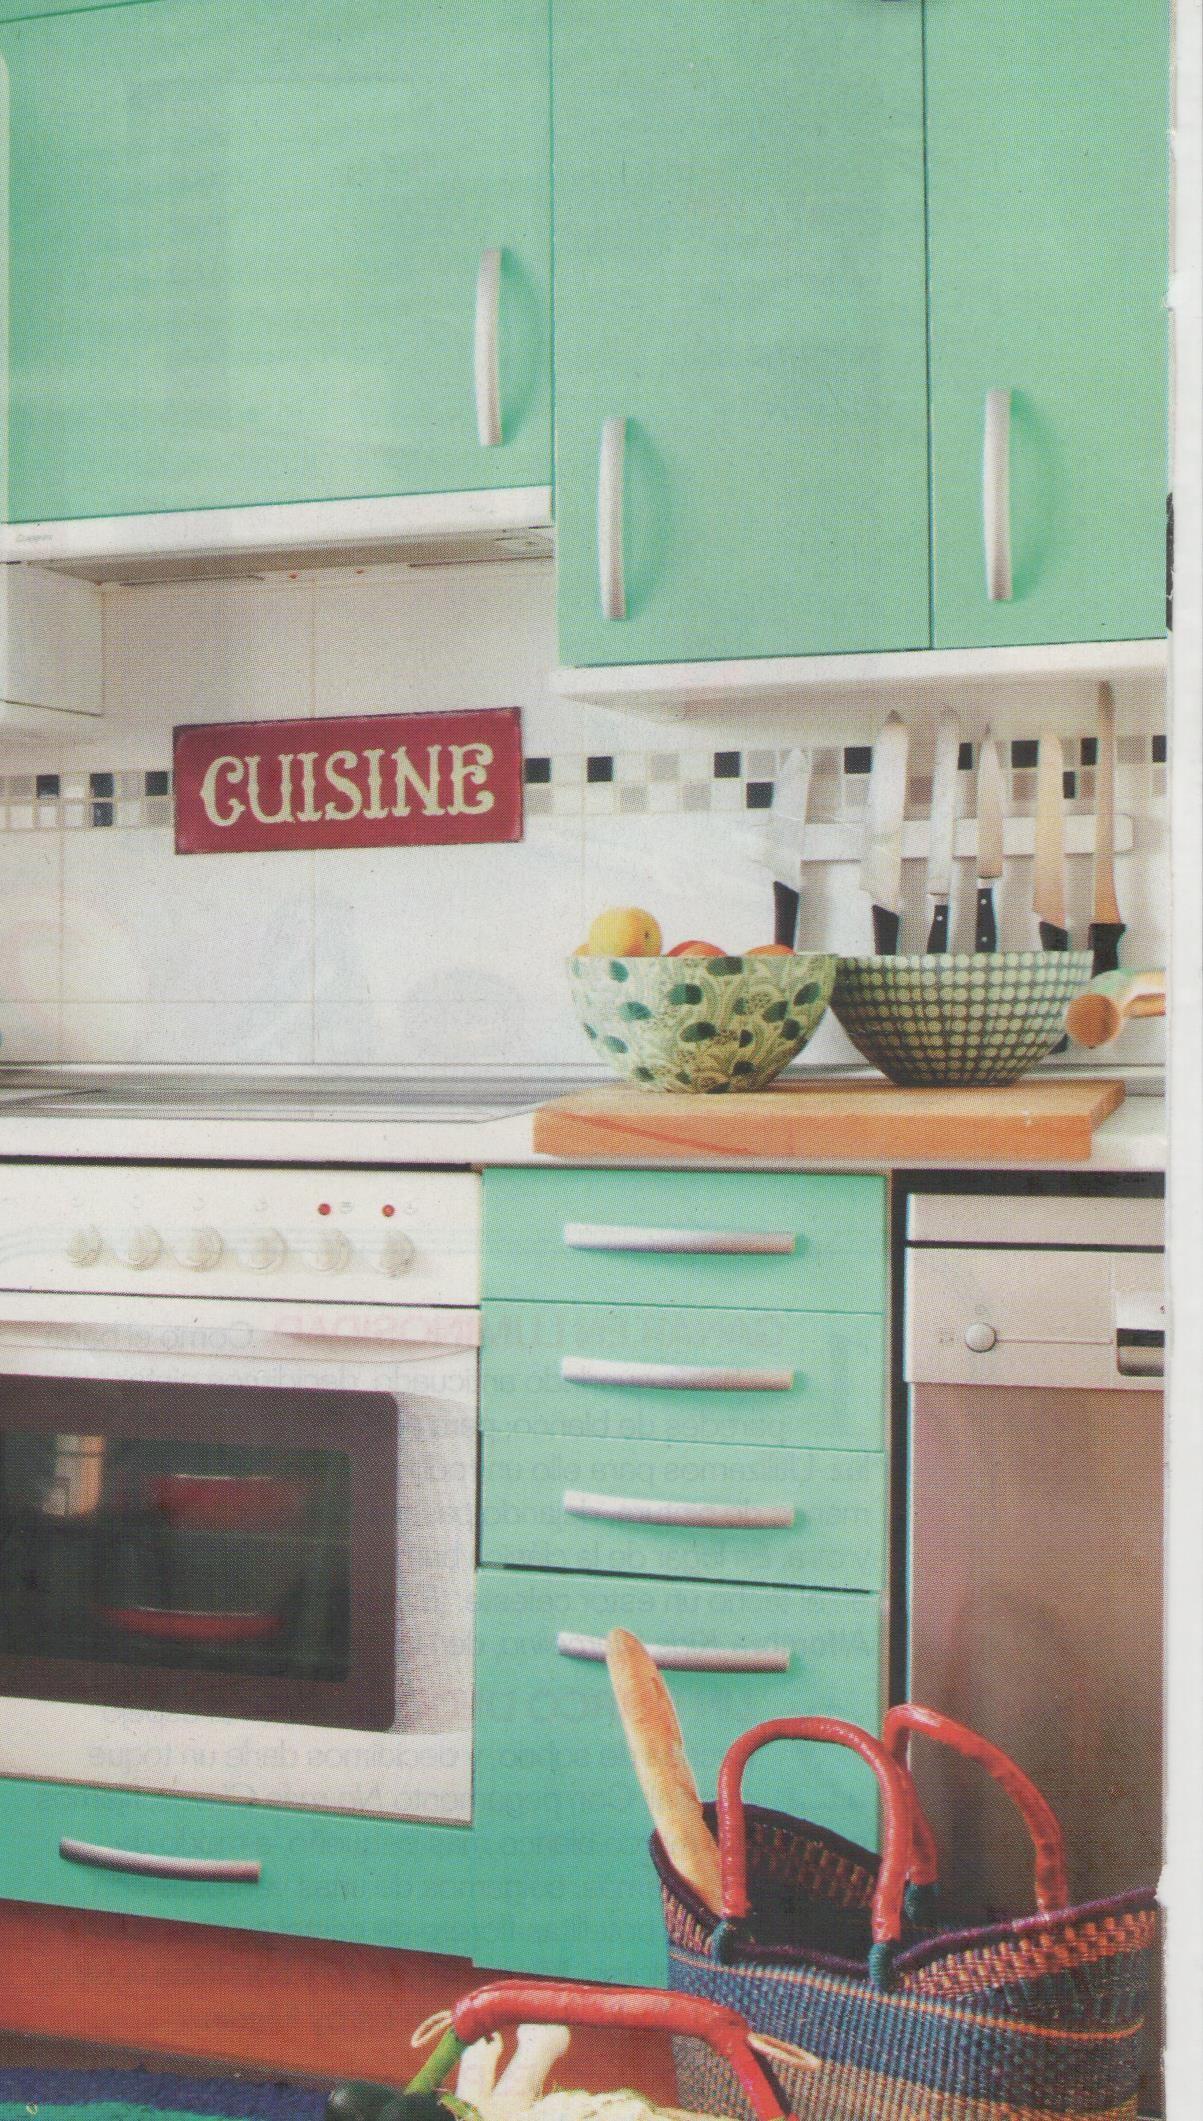 Muebles de cocina forrados con vinilo | Muebles de madera ...